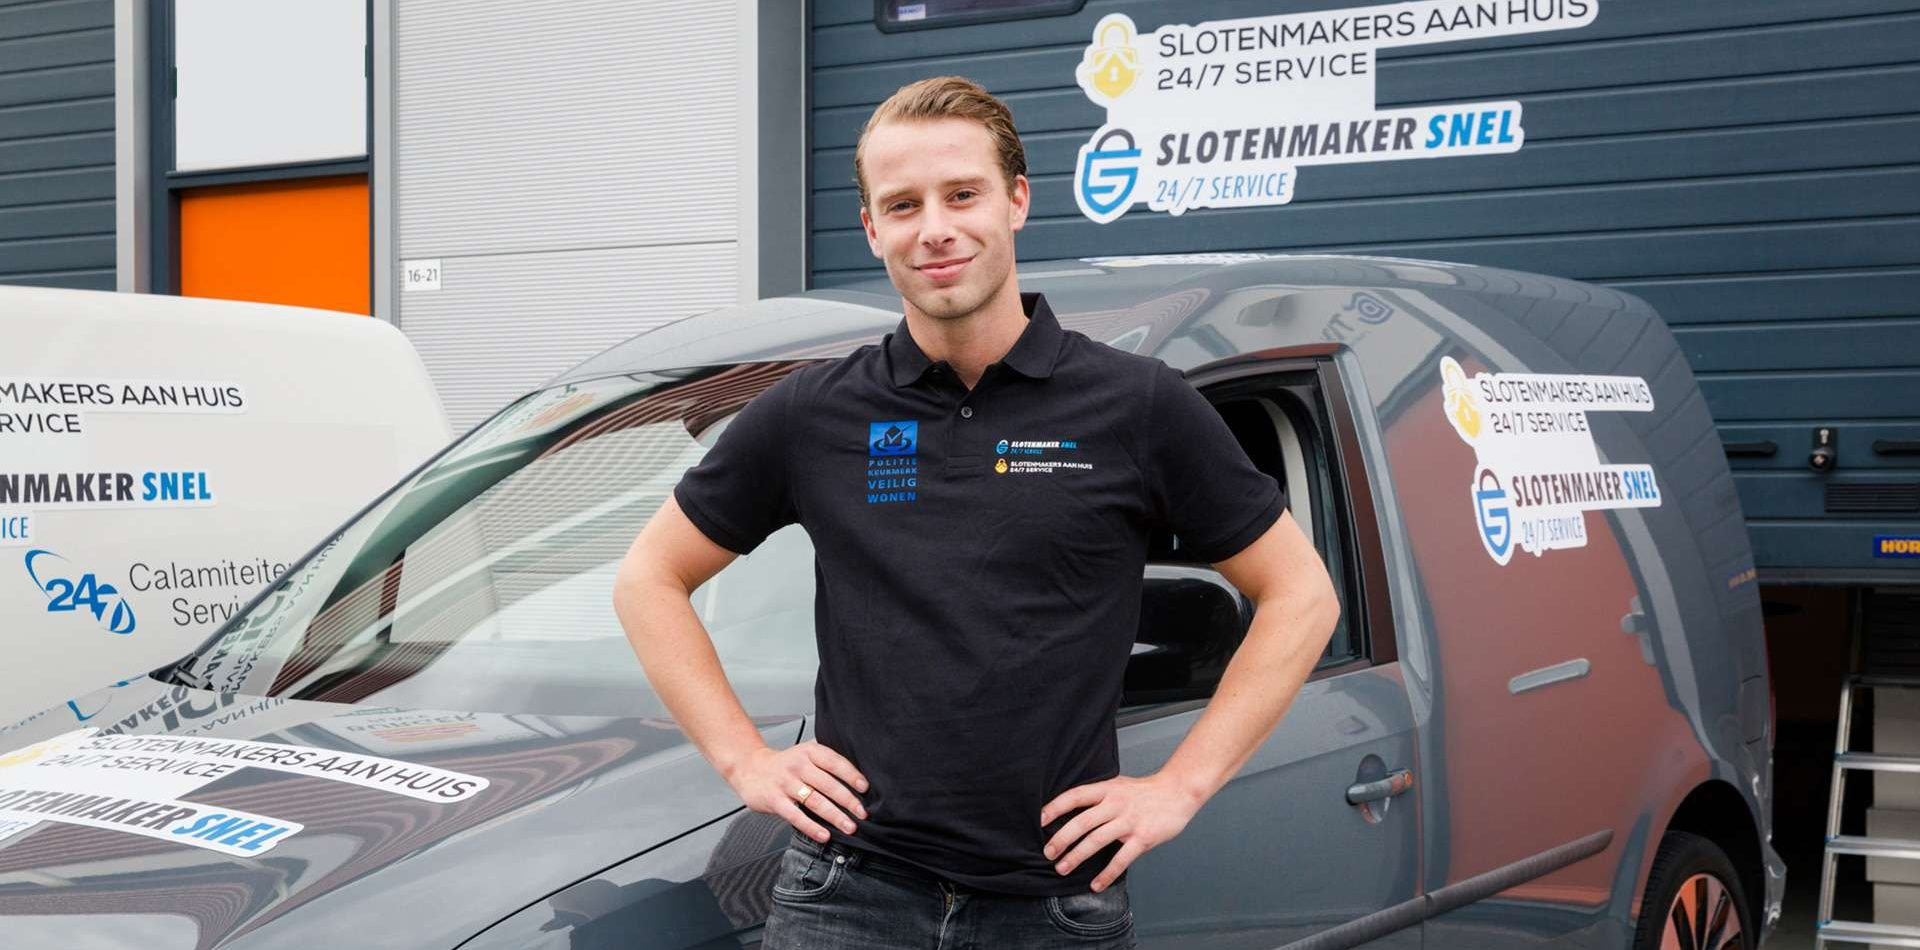 slotenmaker Amstelveen